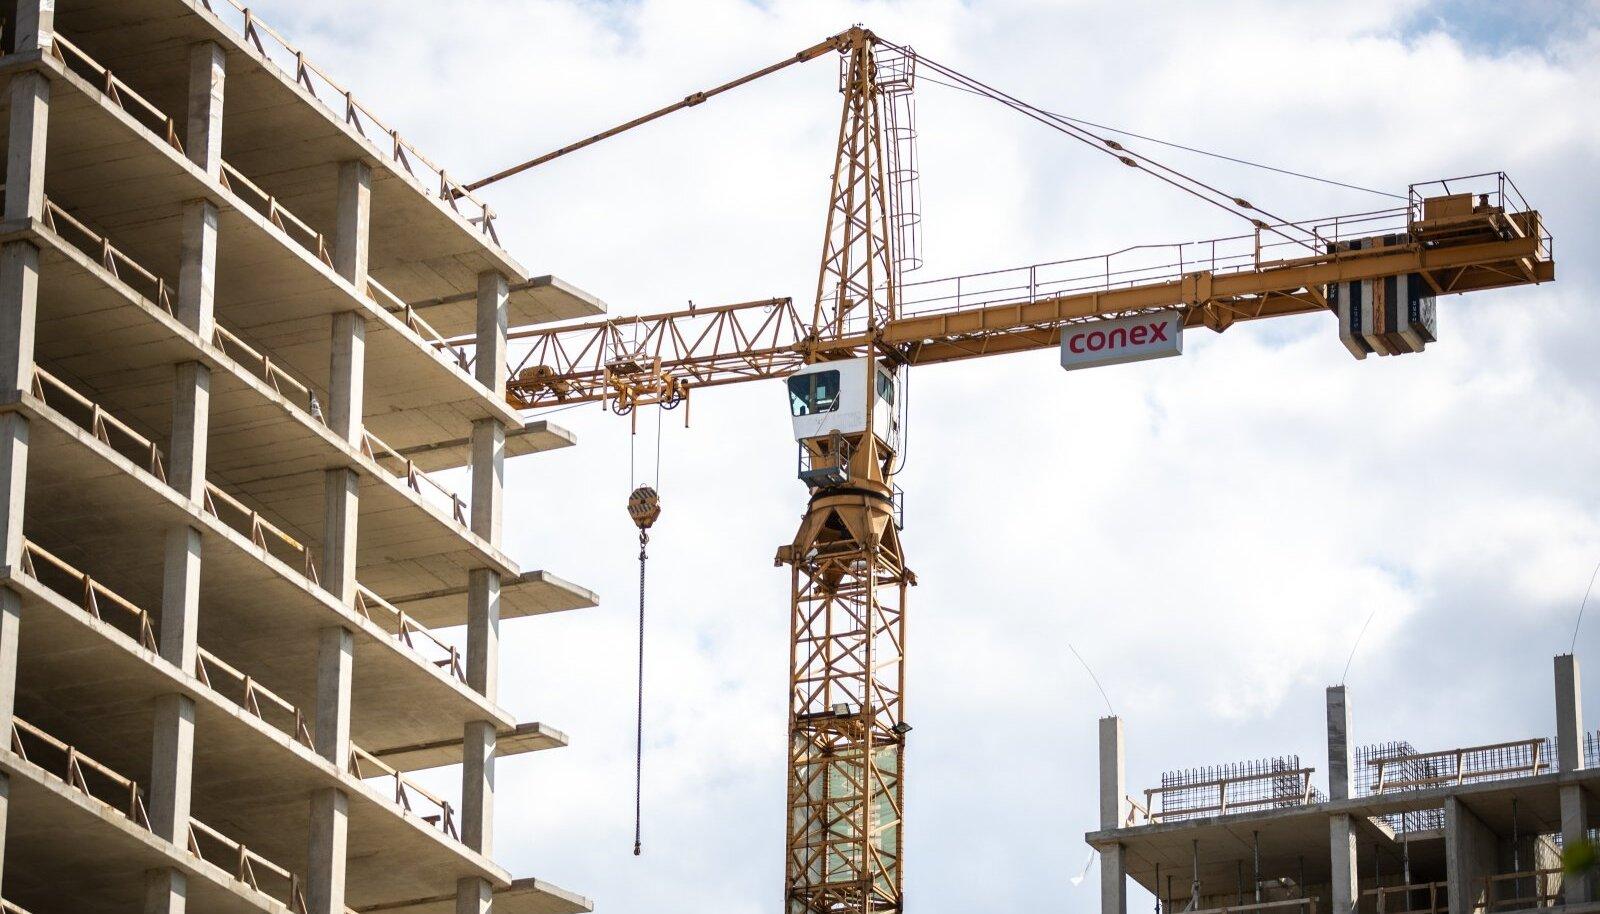 Balti võlakirjade järel on suurima mahuga kohalikud investeeringud kinnisvarainvesteeringud.